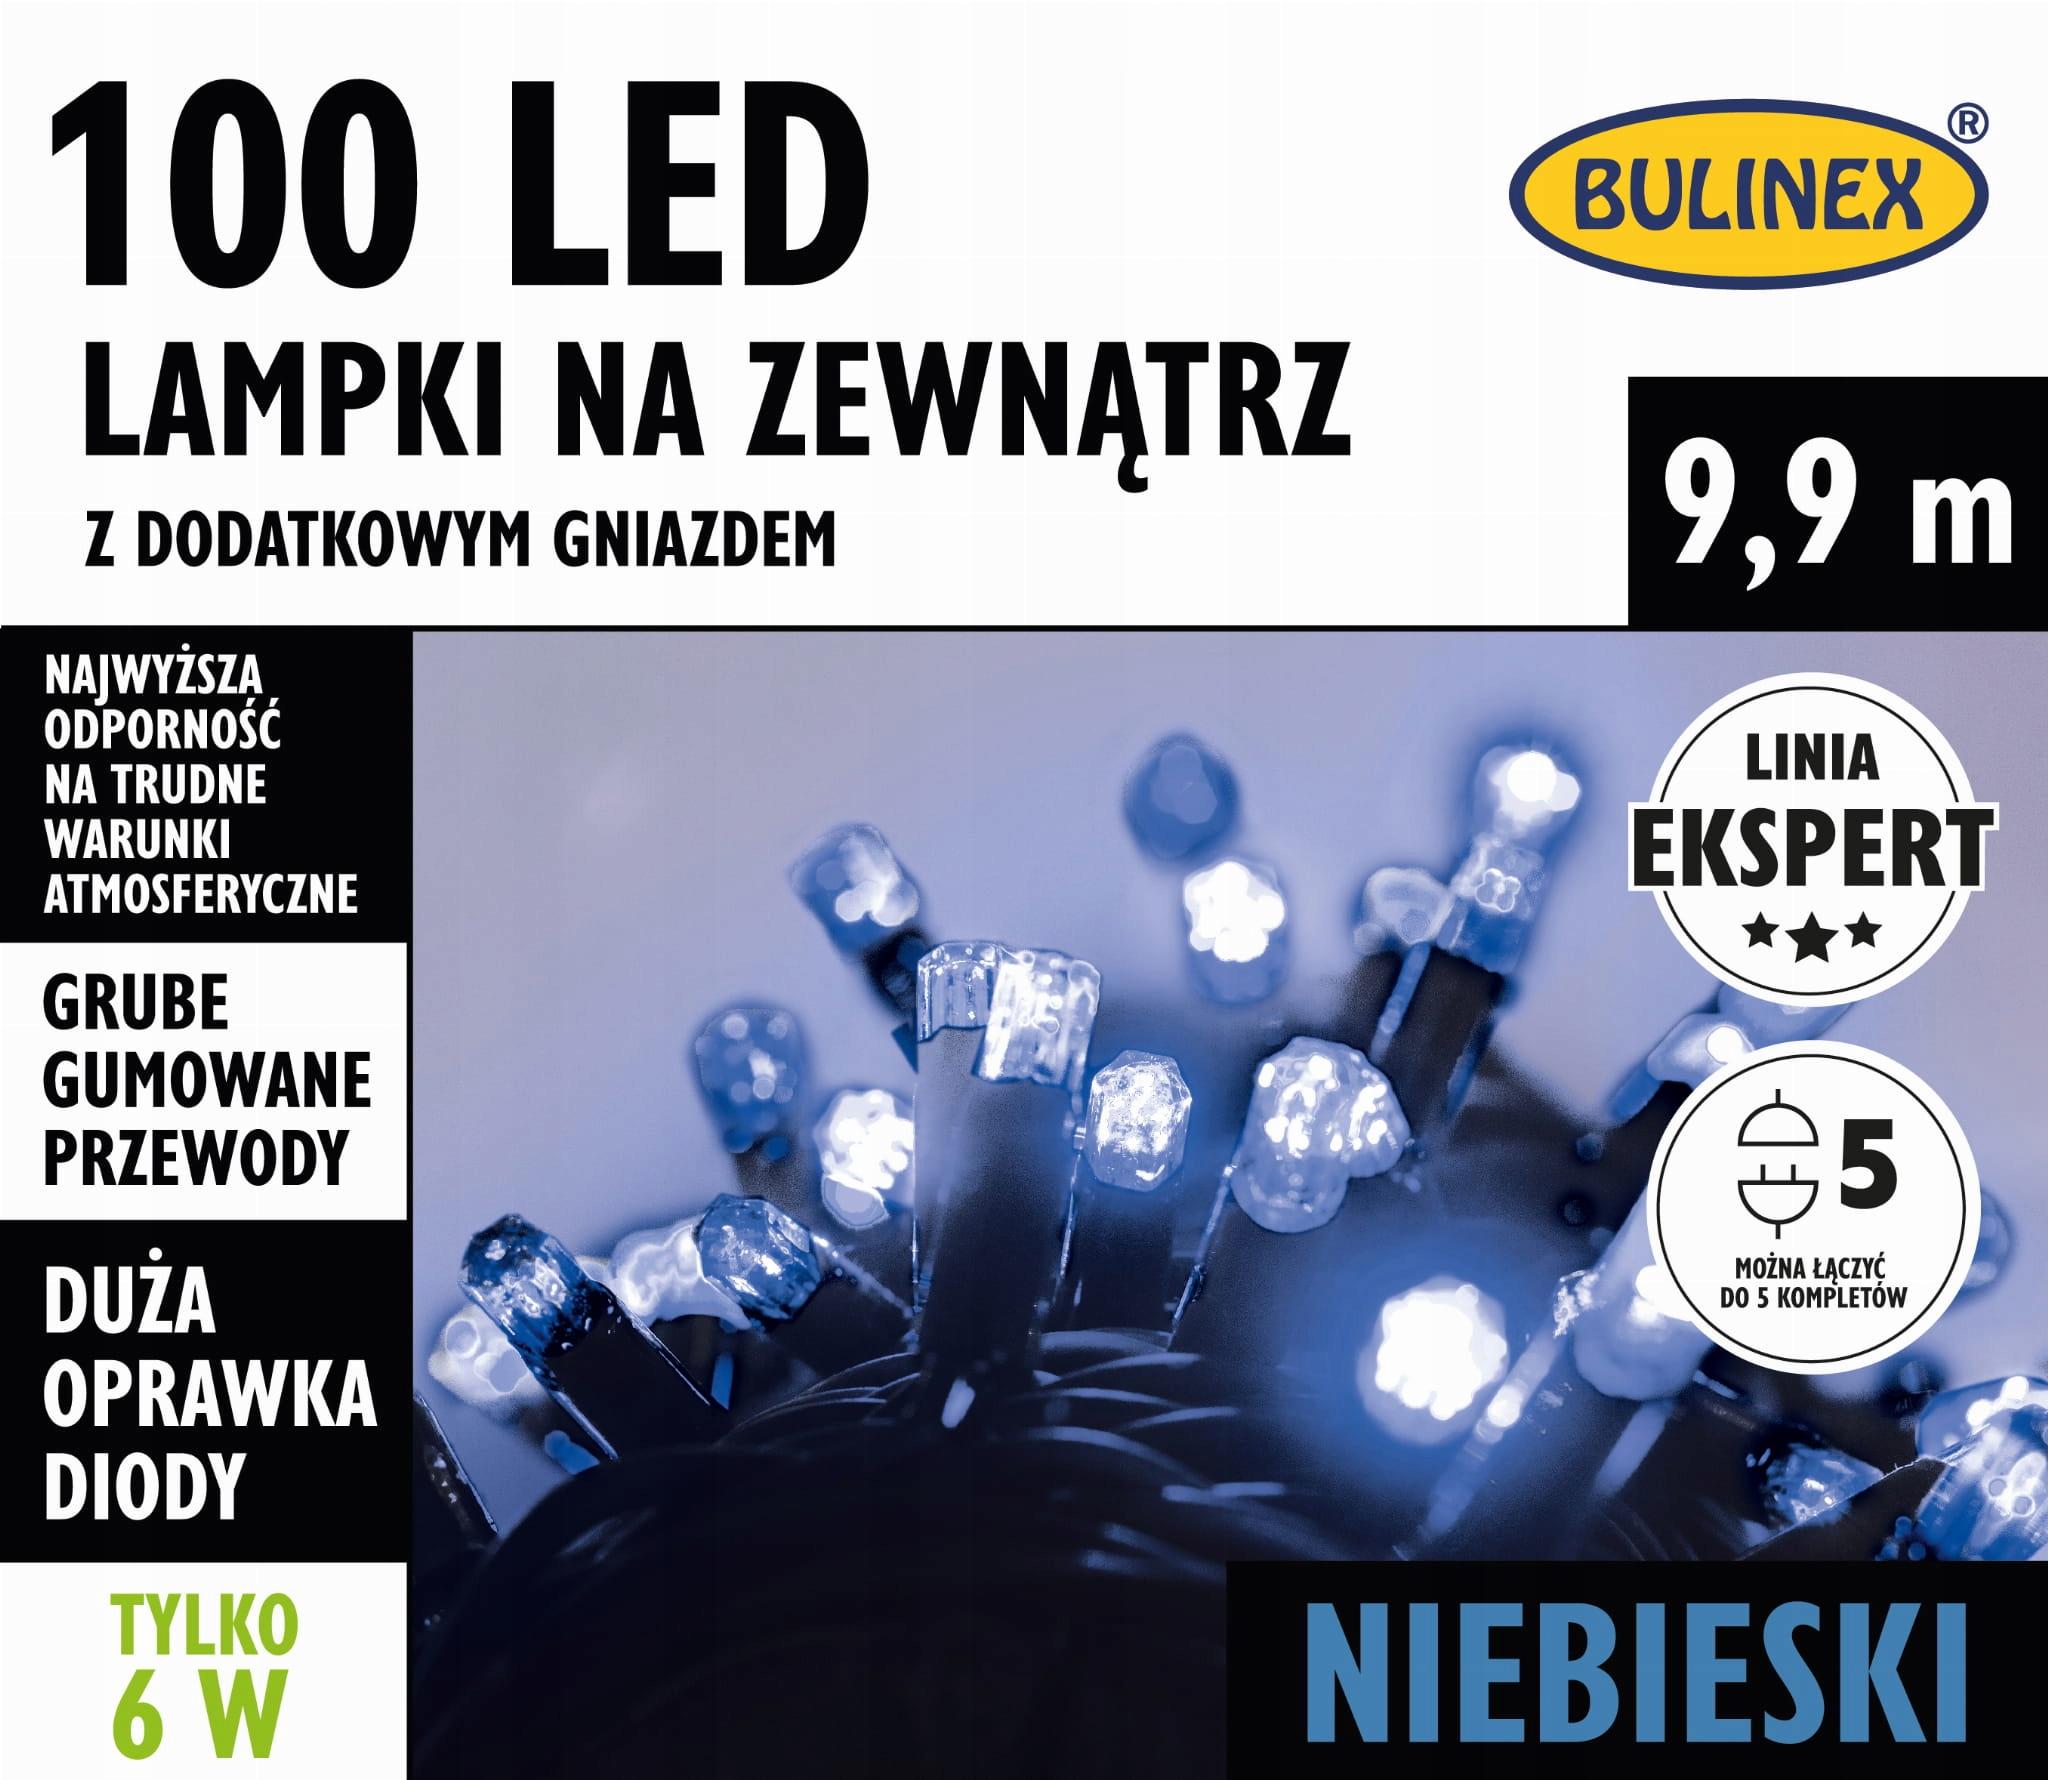 Externá žiarovka LED100 s ďalšou ext. 9,9 m BULINEX modrý